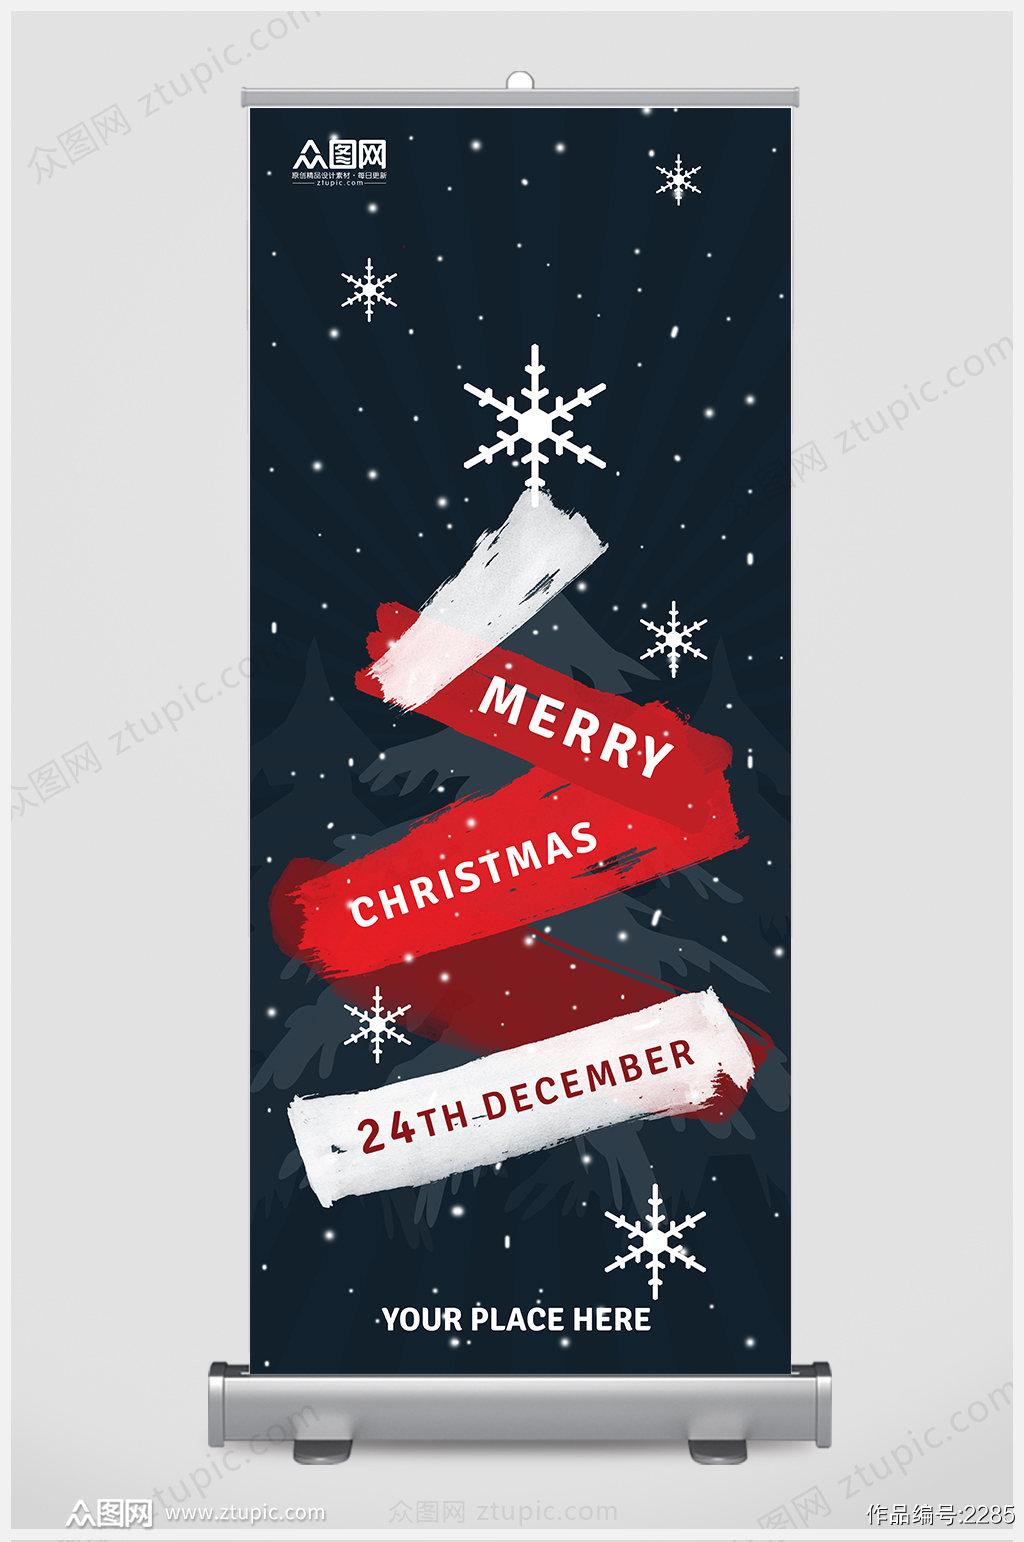 圣诞节促销易拉宝展架素材